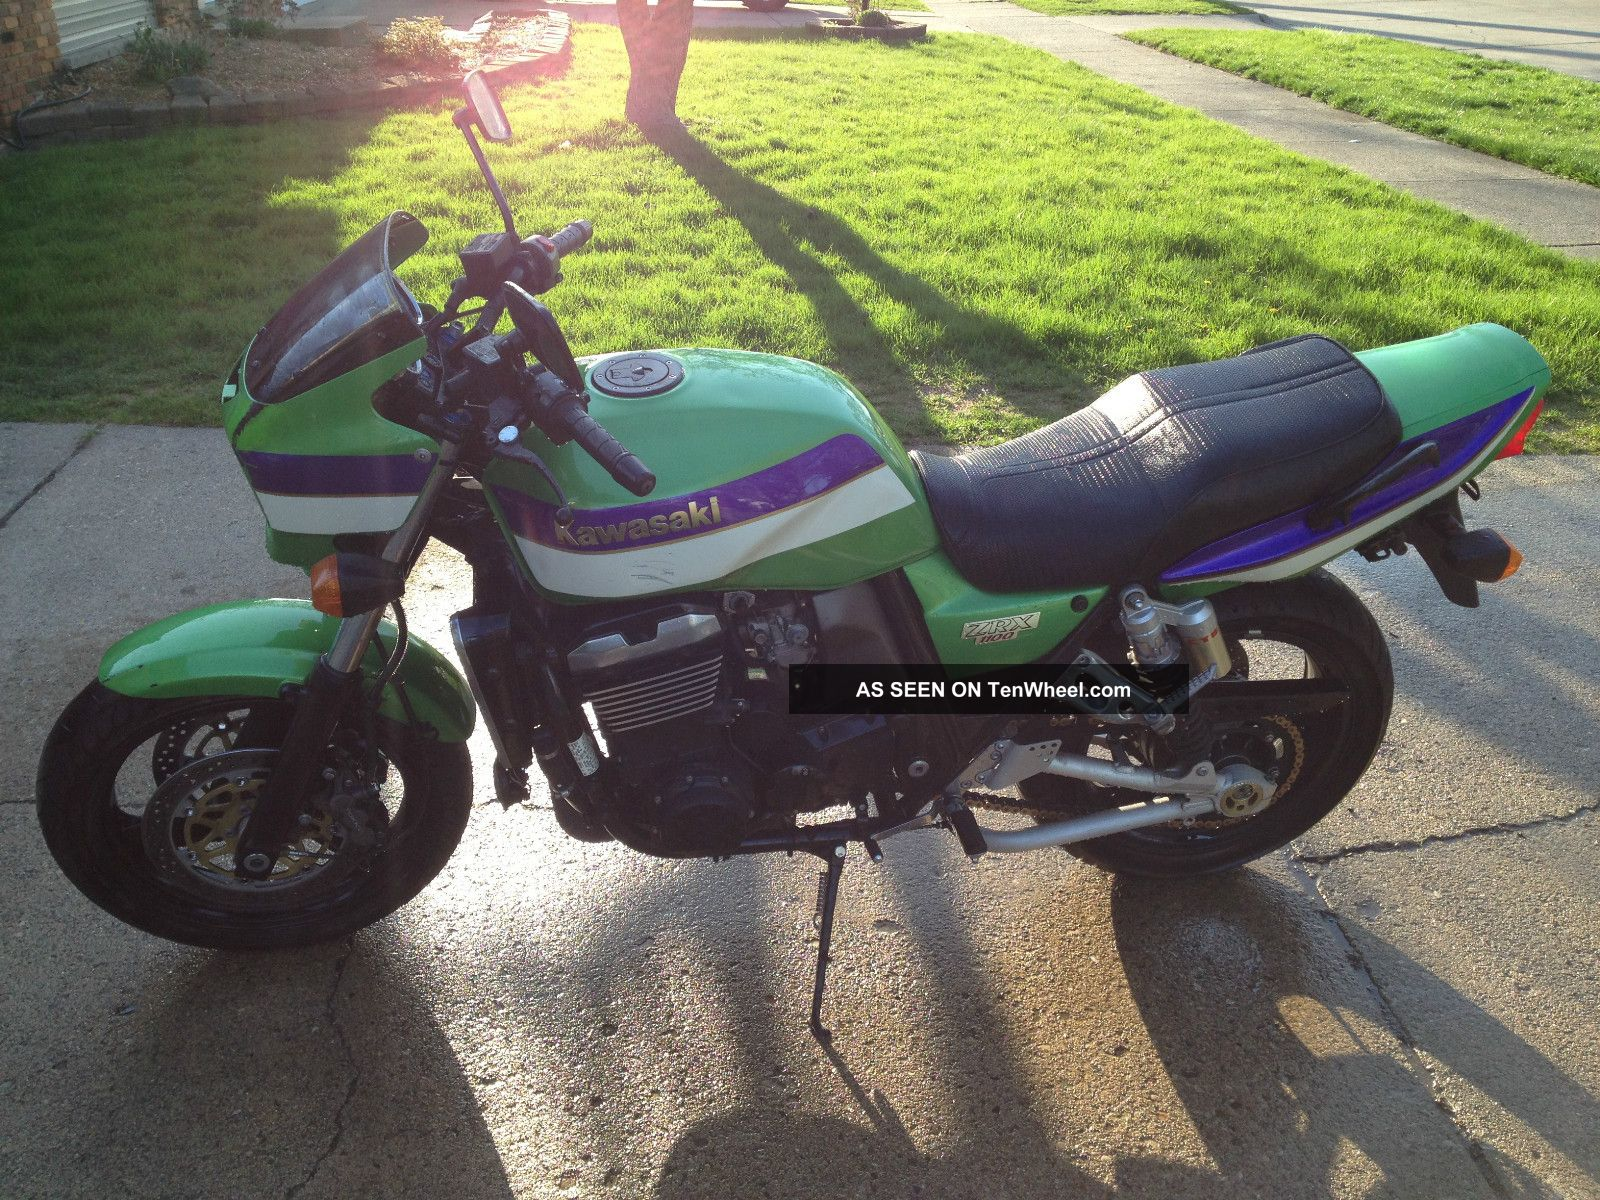 2000 Kawasaki Zrx1100 Other photo